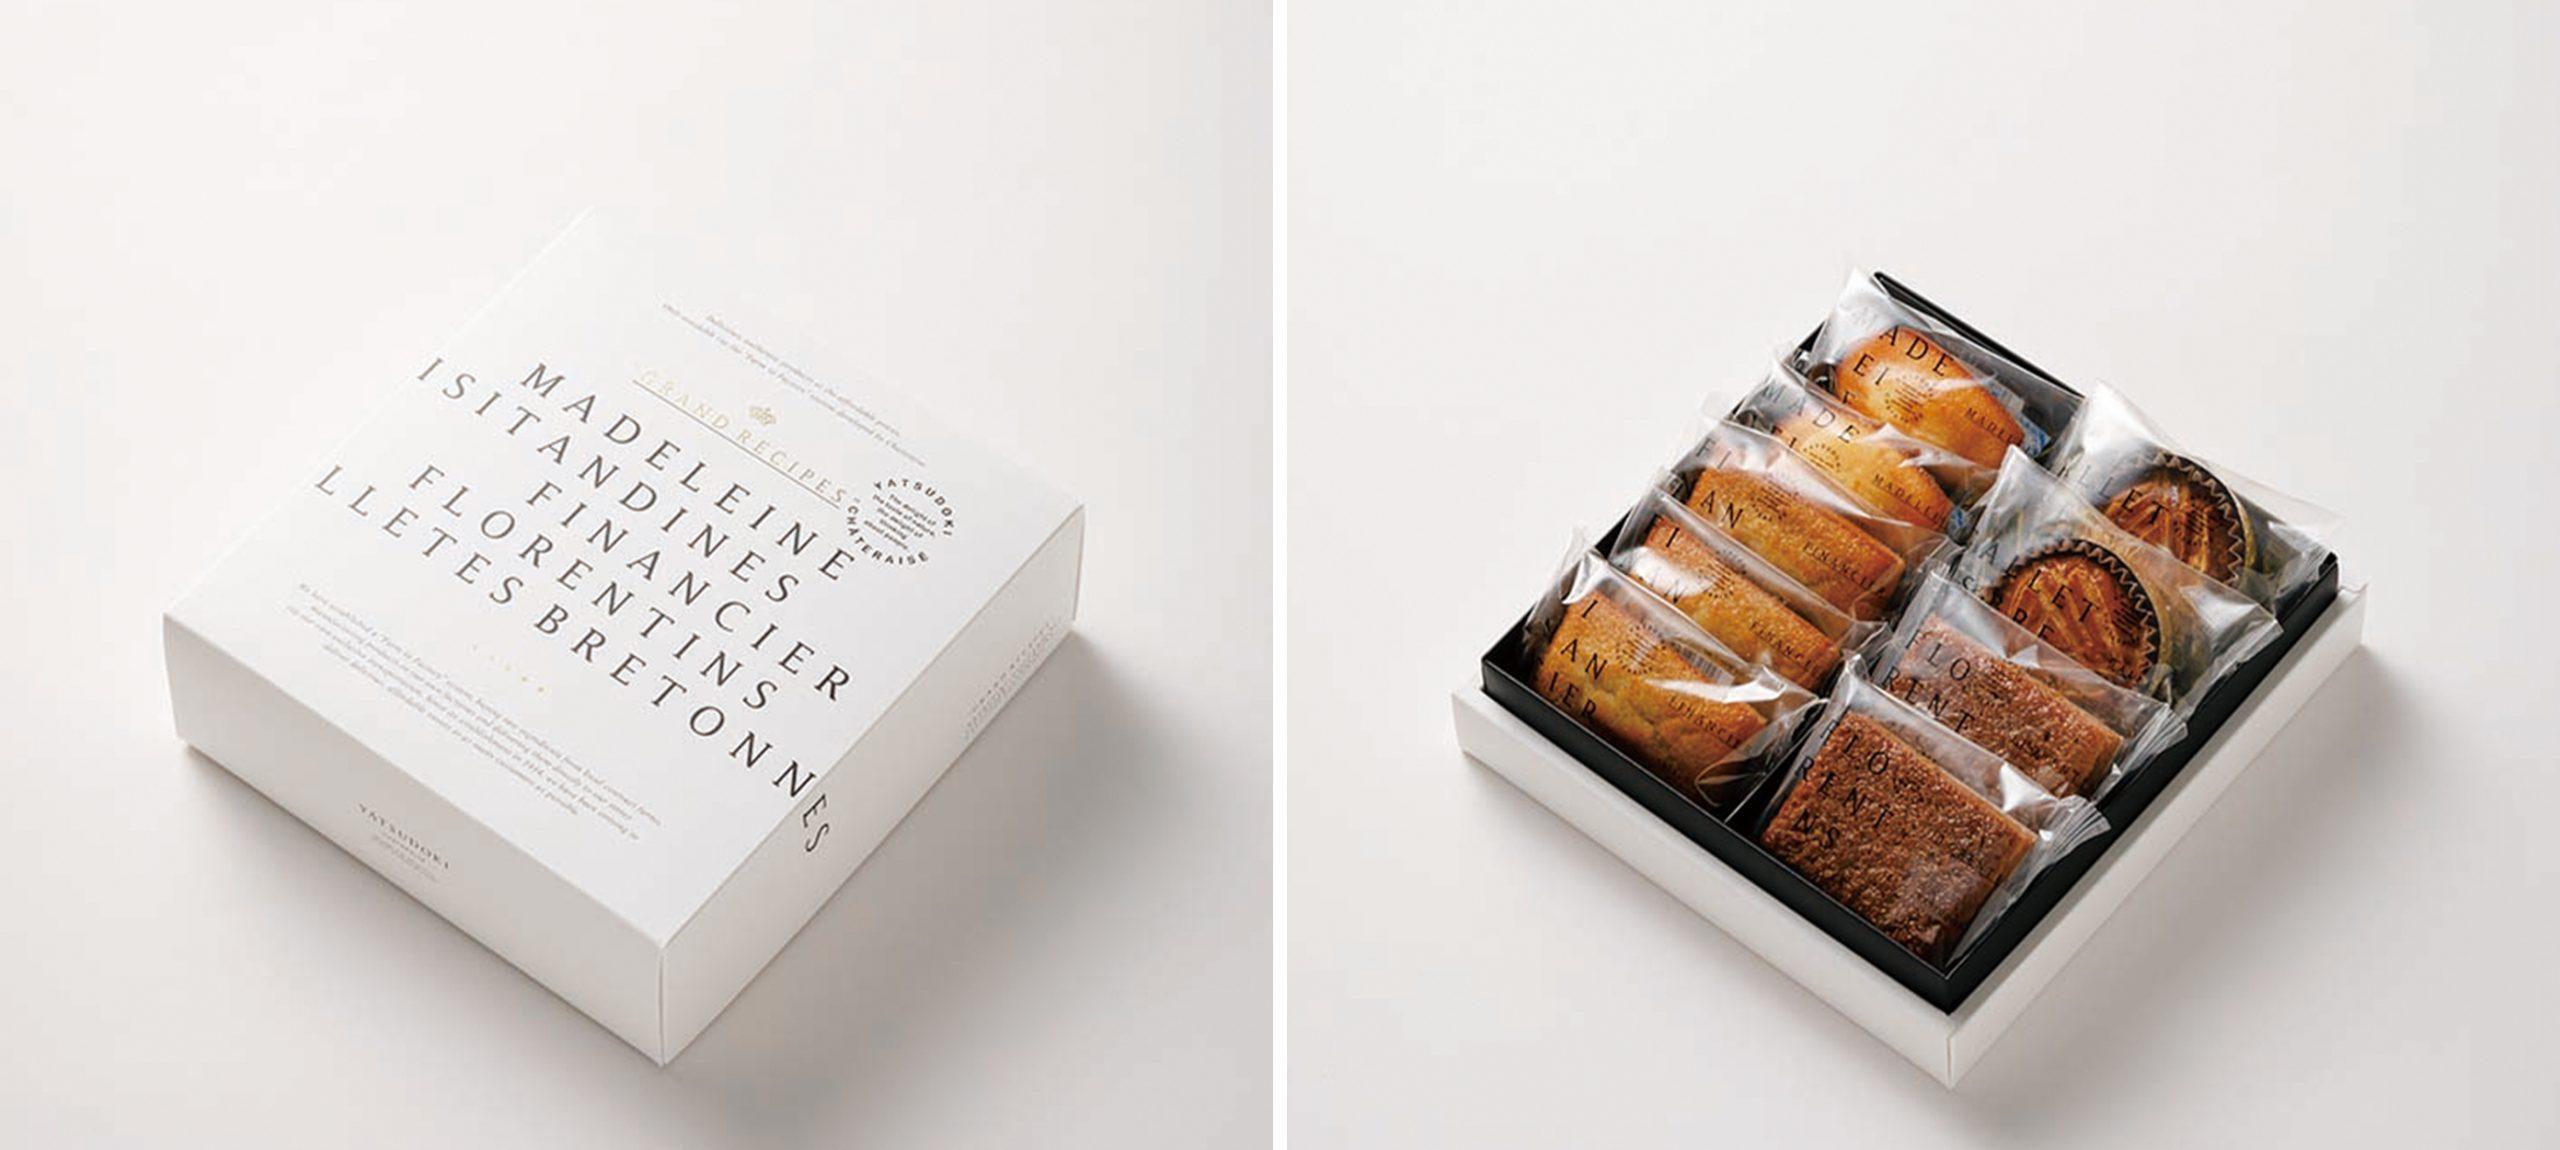 シャトレーゼ都心型新ブランド「YATSUDOKI(ヤツドキ)」パッケージデザイン